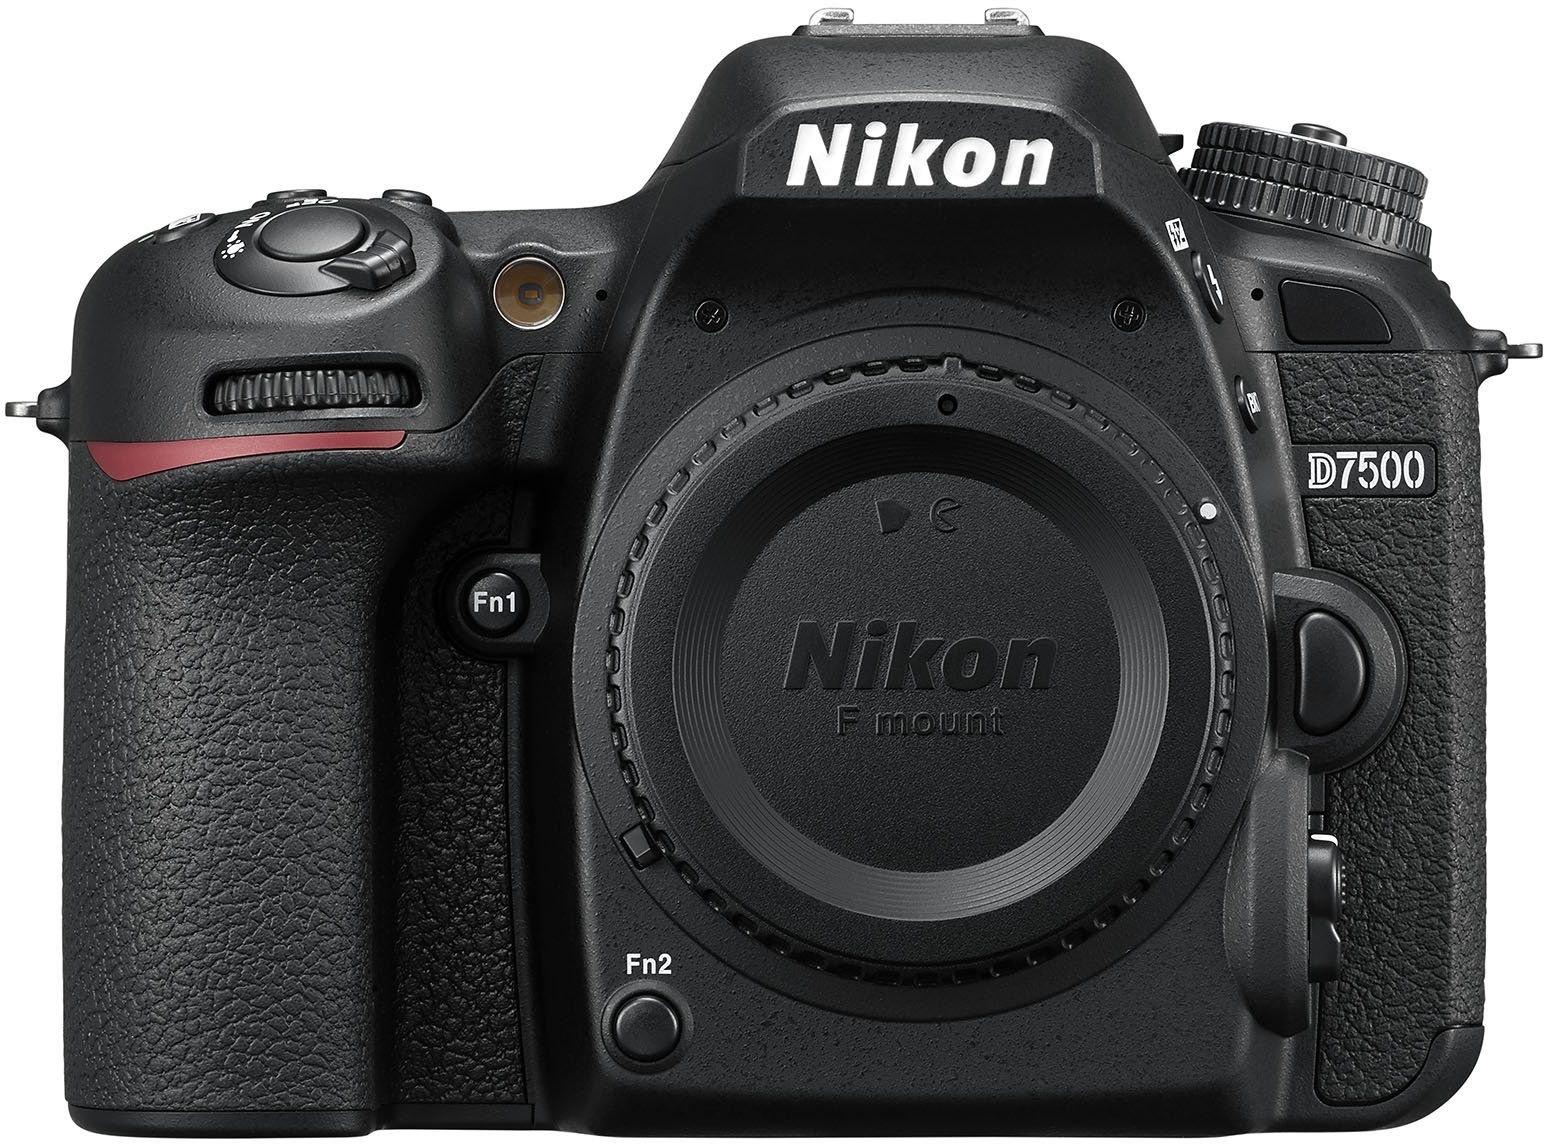 Nikon D7500 DX-Format Digital SLR Body by Nikon